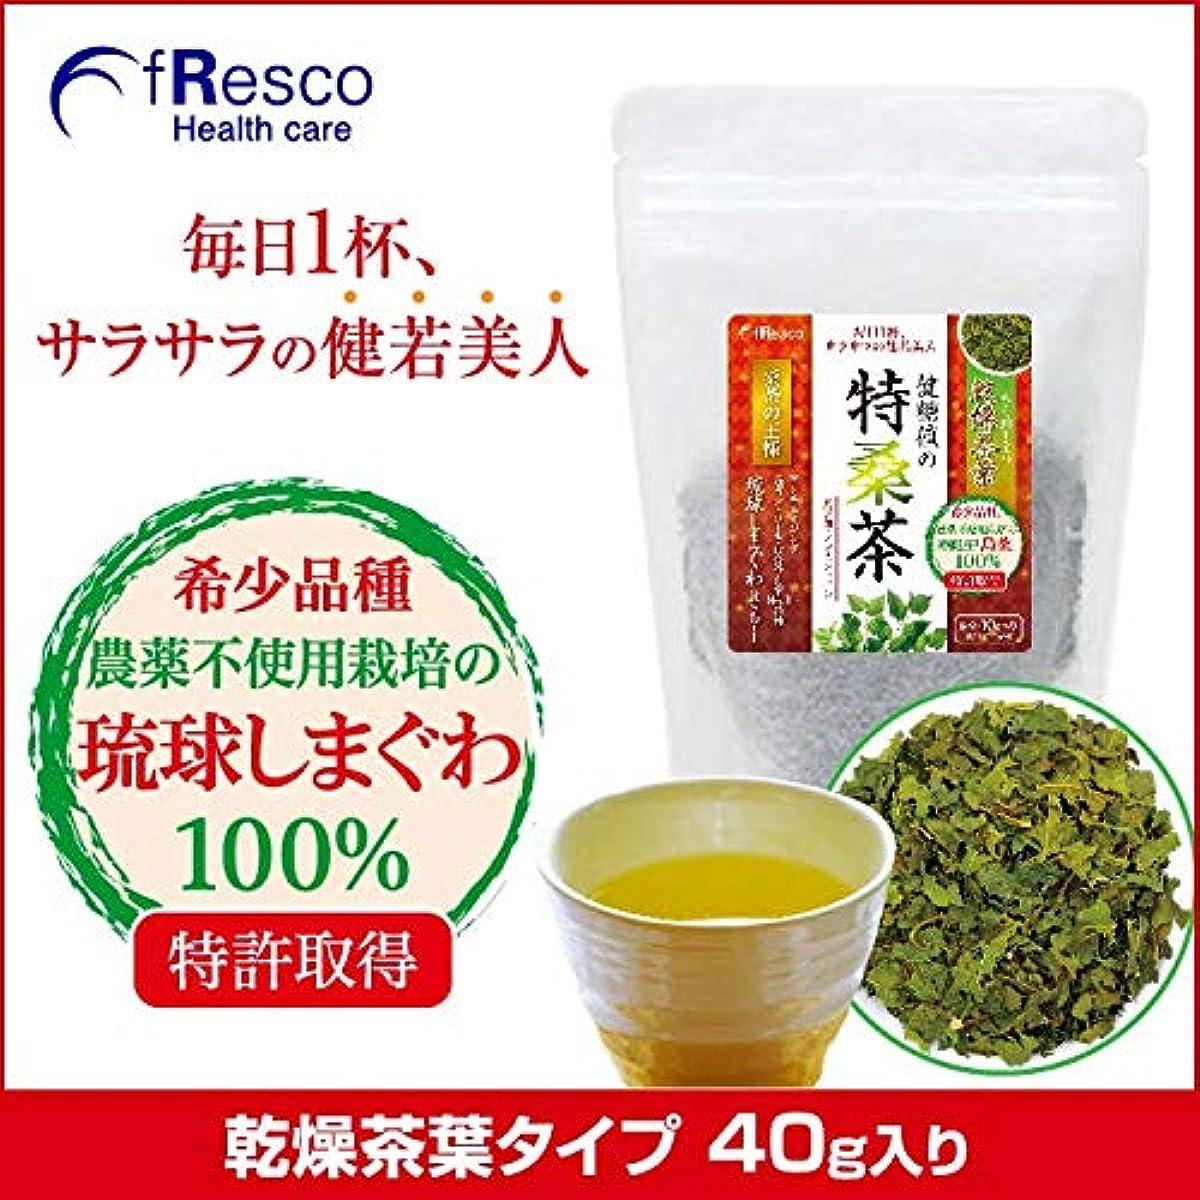 ワイド選出するサスペンド桑茶の王様 琉球しまぐわ 健糖値の特桑茶 乾燥茶葉